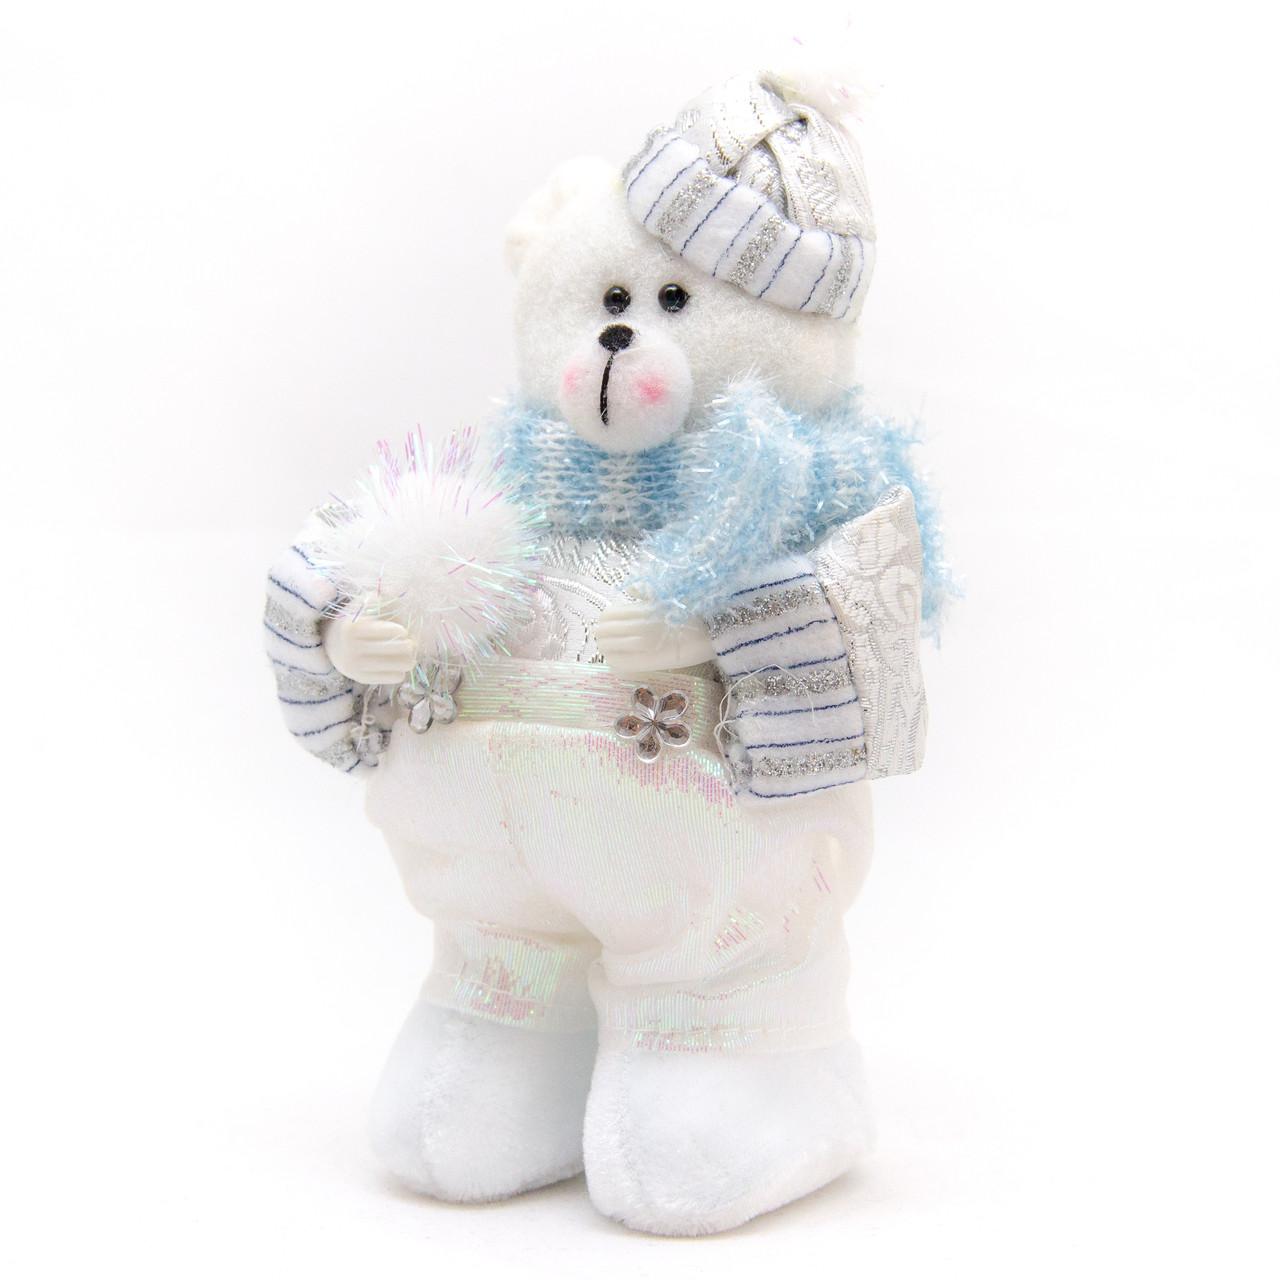 Мягкая игрушка сувенирная медведь 15 см (180431-2)